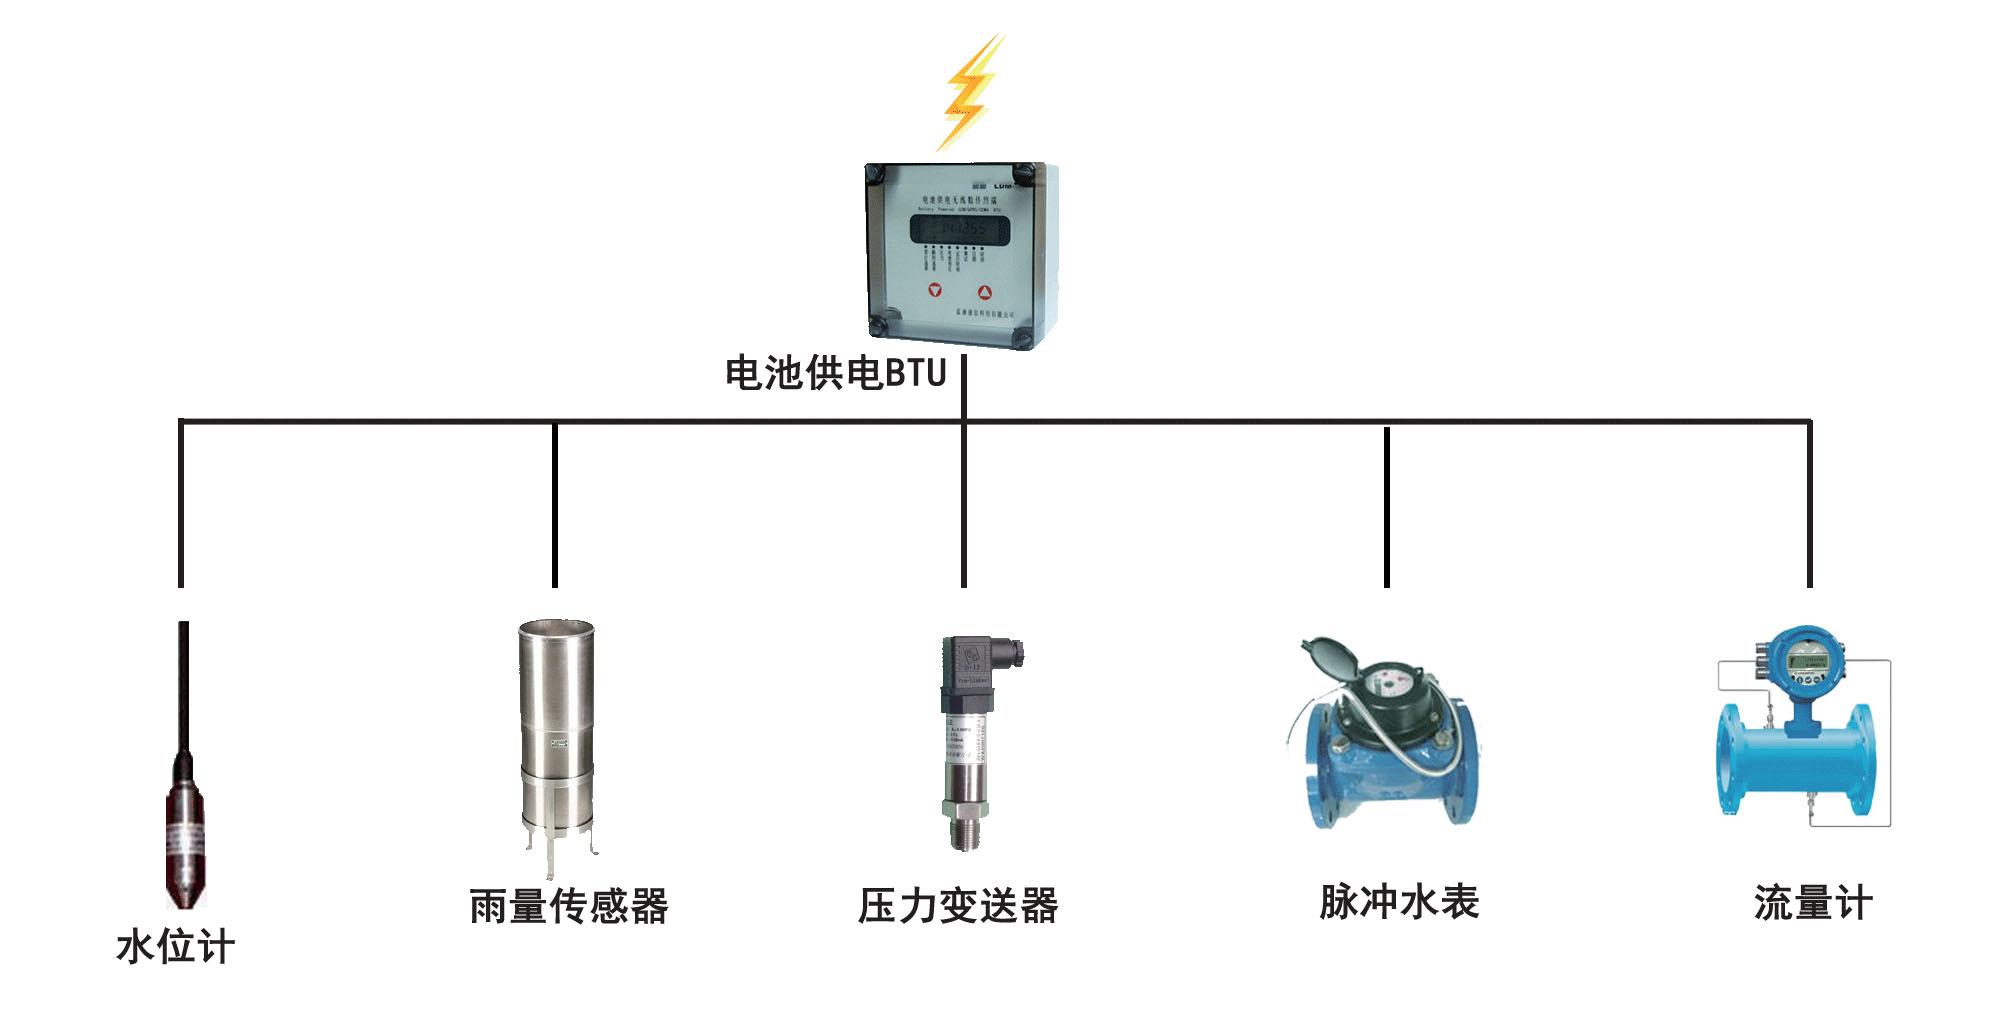 电池供电遥测终端(BTU)